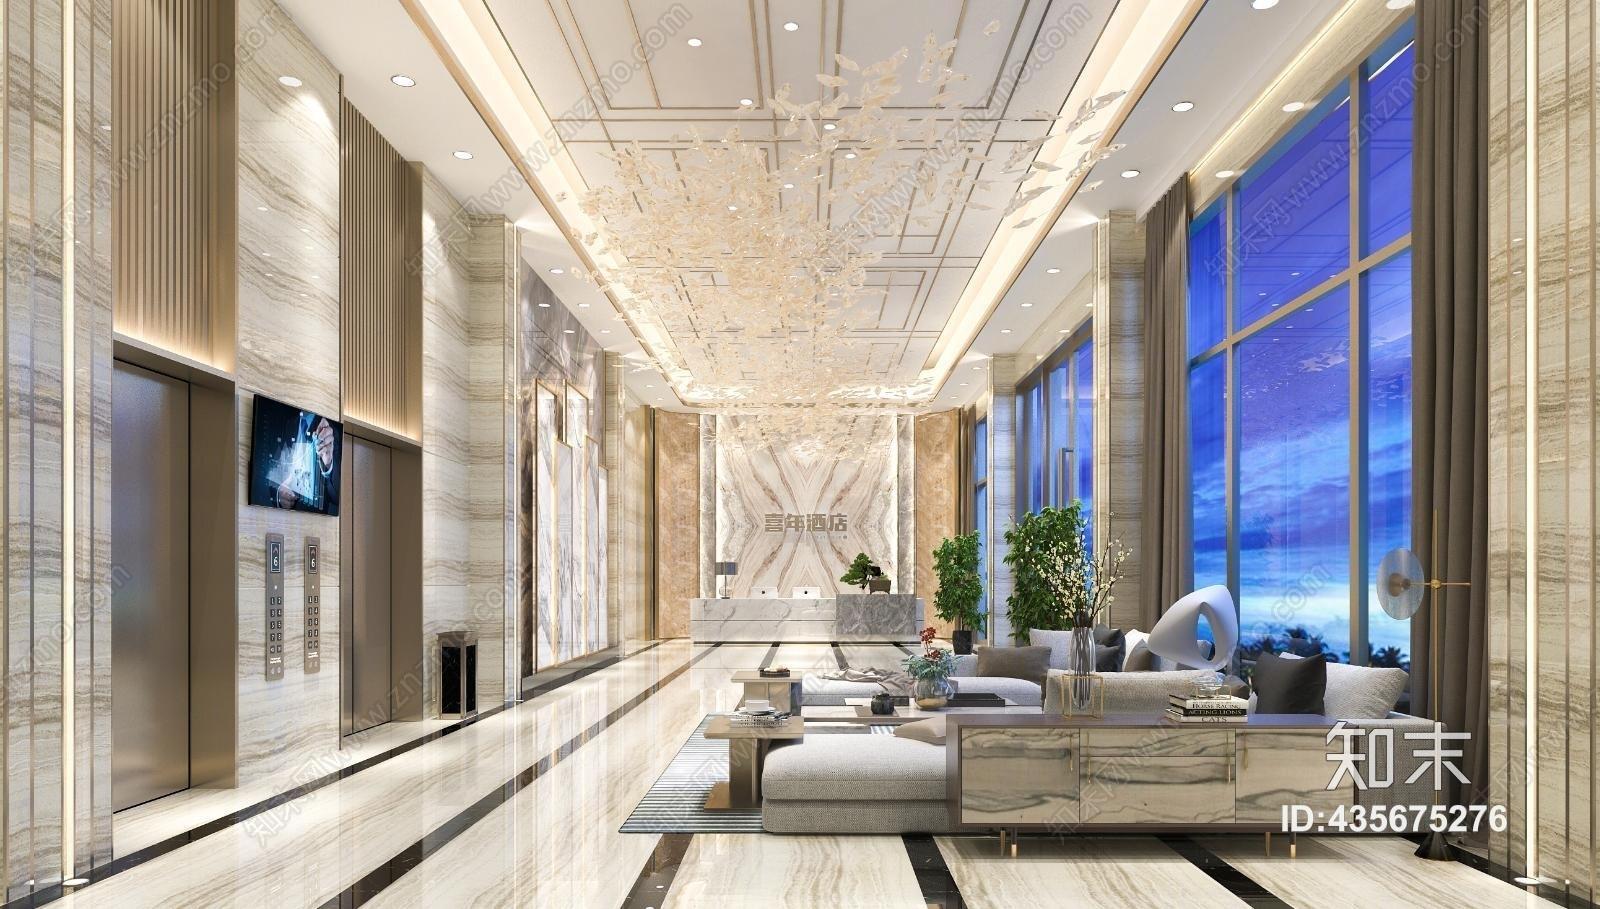 现代酒店 大堂 电梯 前台 背景墙